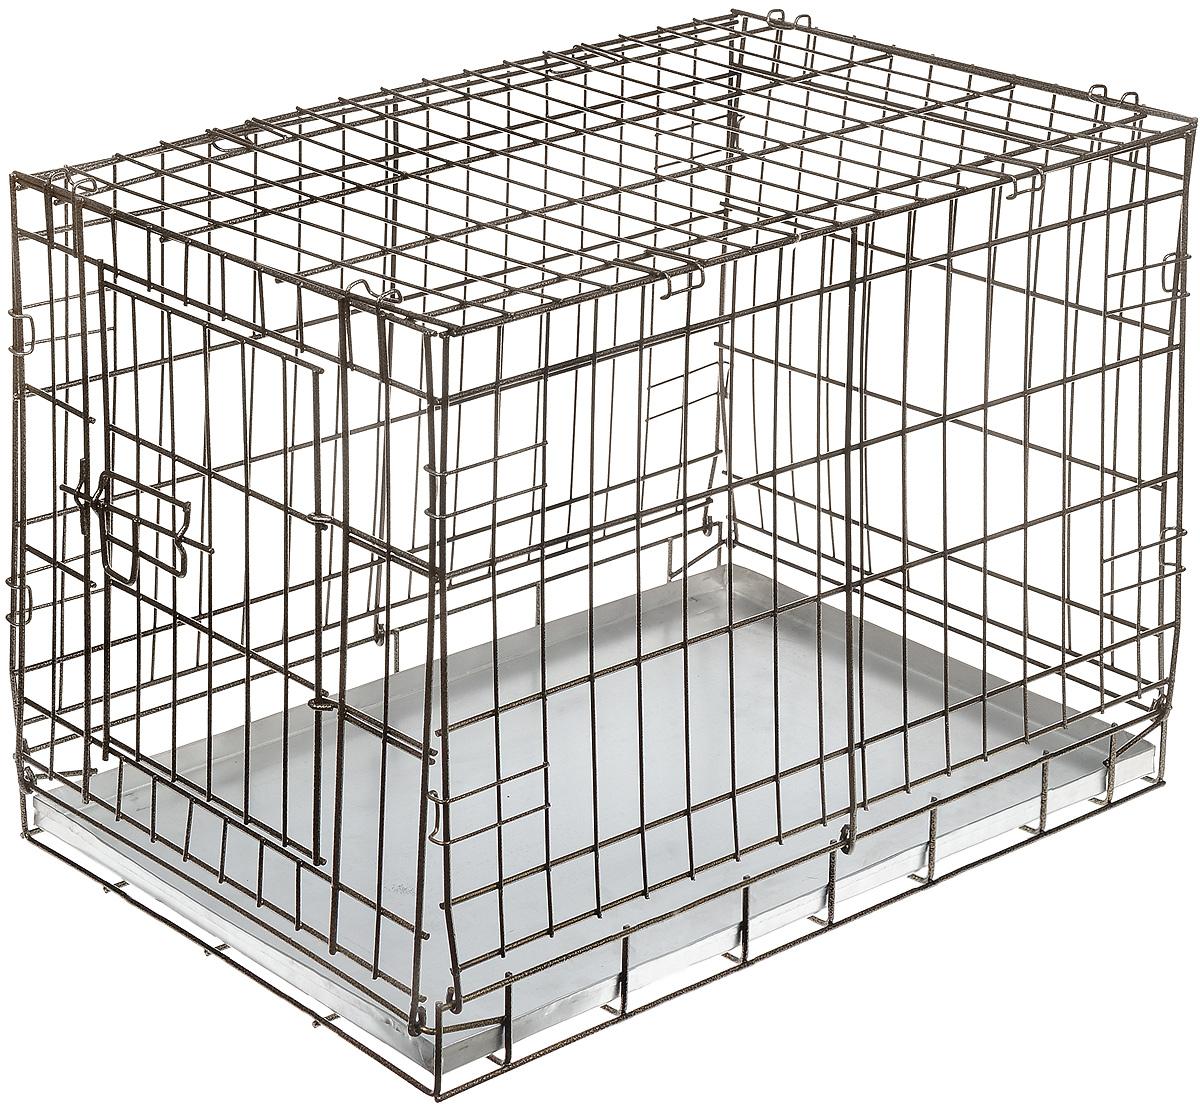 Клетка для собак ЗооМарк, выставочная, 80 х 50 х 55 см, цвет шагрень1005Удобная клетка ЗооМарк предназначена для собак средних пород. Идеально подходит для транспортировки и содержания собак во время проведения выставки. Клетка выполнена из металлической проволоки. Клетка оснащена дверцей, которая надежно закрываются. Прочный алюминиевый поддон не повреждает поверхность, на которой размещен.